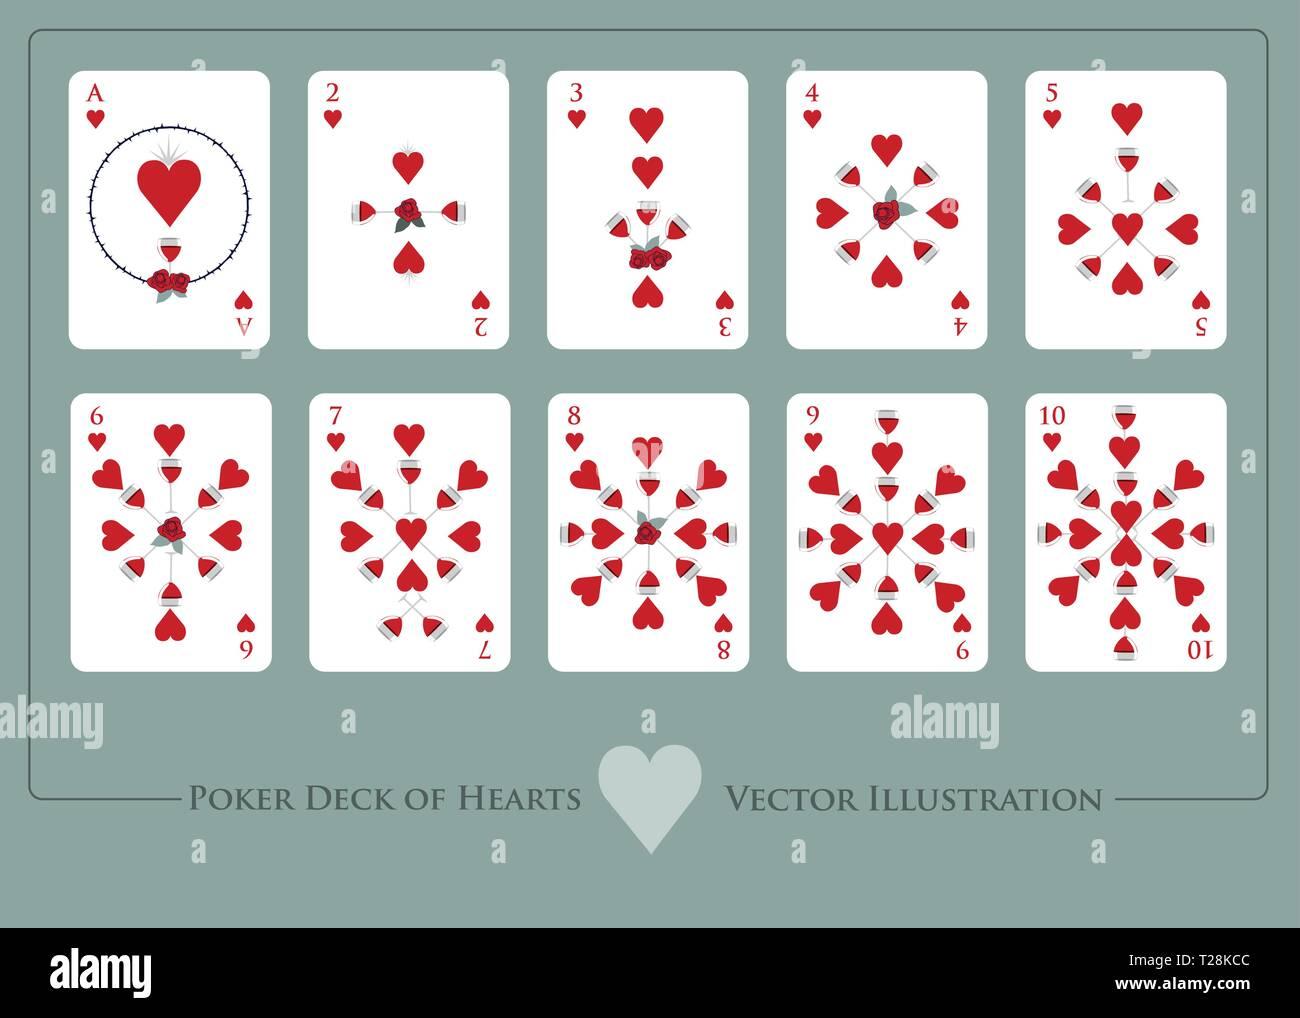 Tarot Cards Ace Cups Stock Photos & Tarot Cards Ace Cups